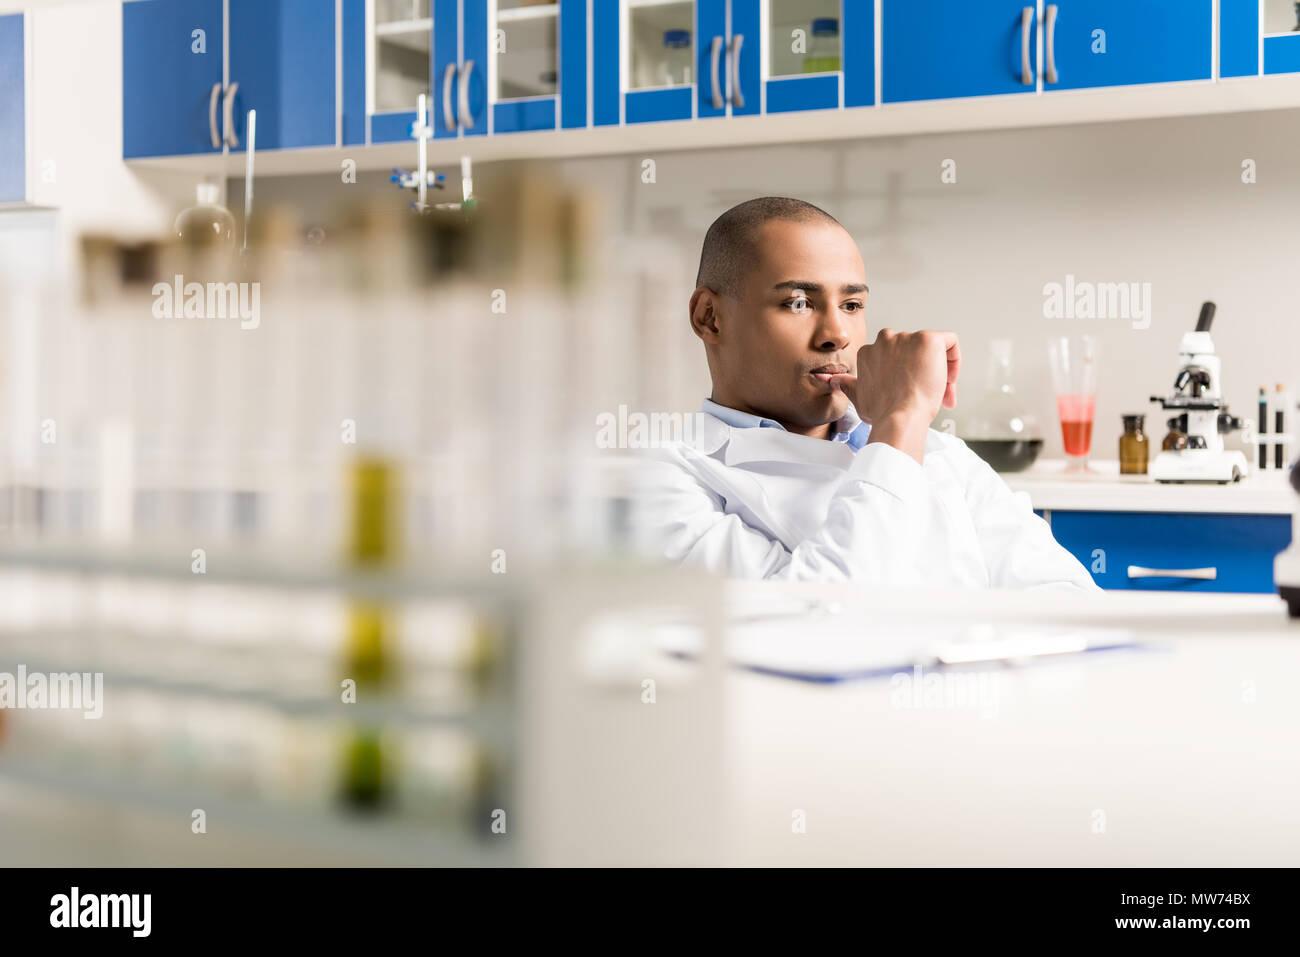 Scienziato maschio durante il lavoro al moderno laboratorio biologico seduta con la mano sul mento Immagini Stock